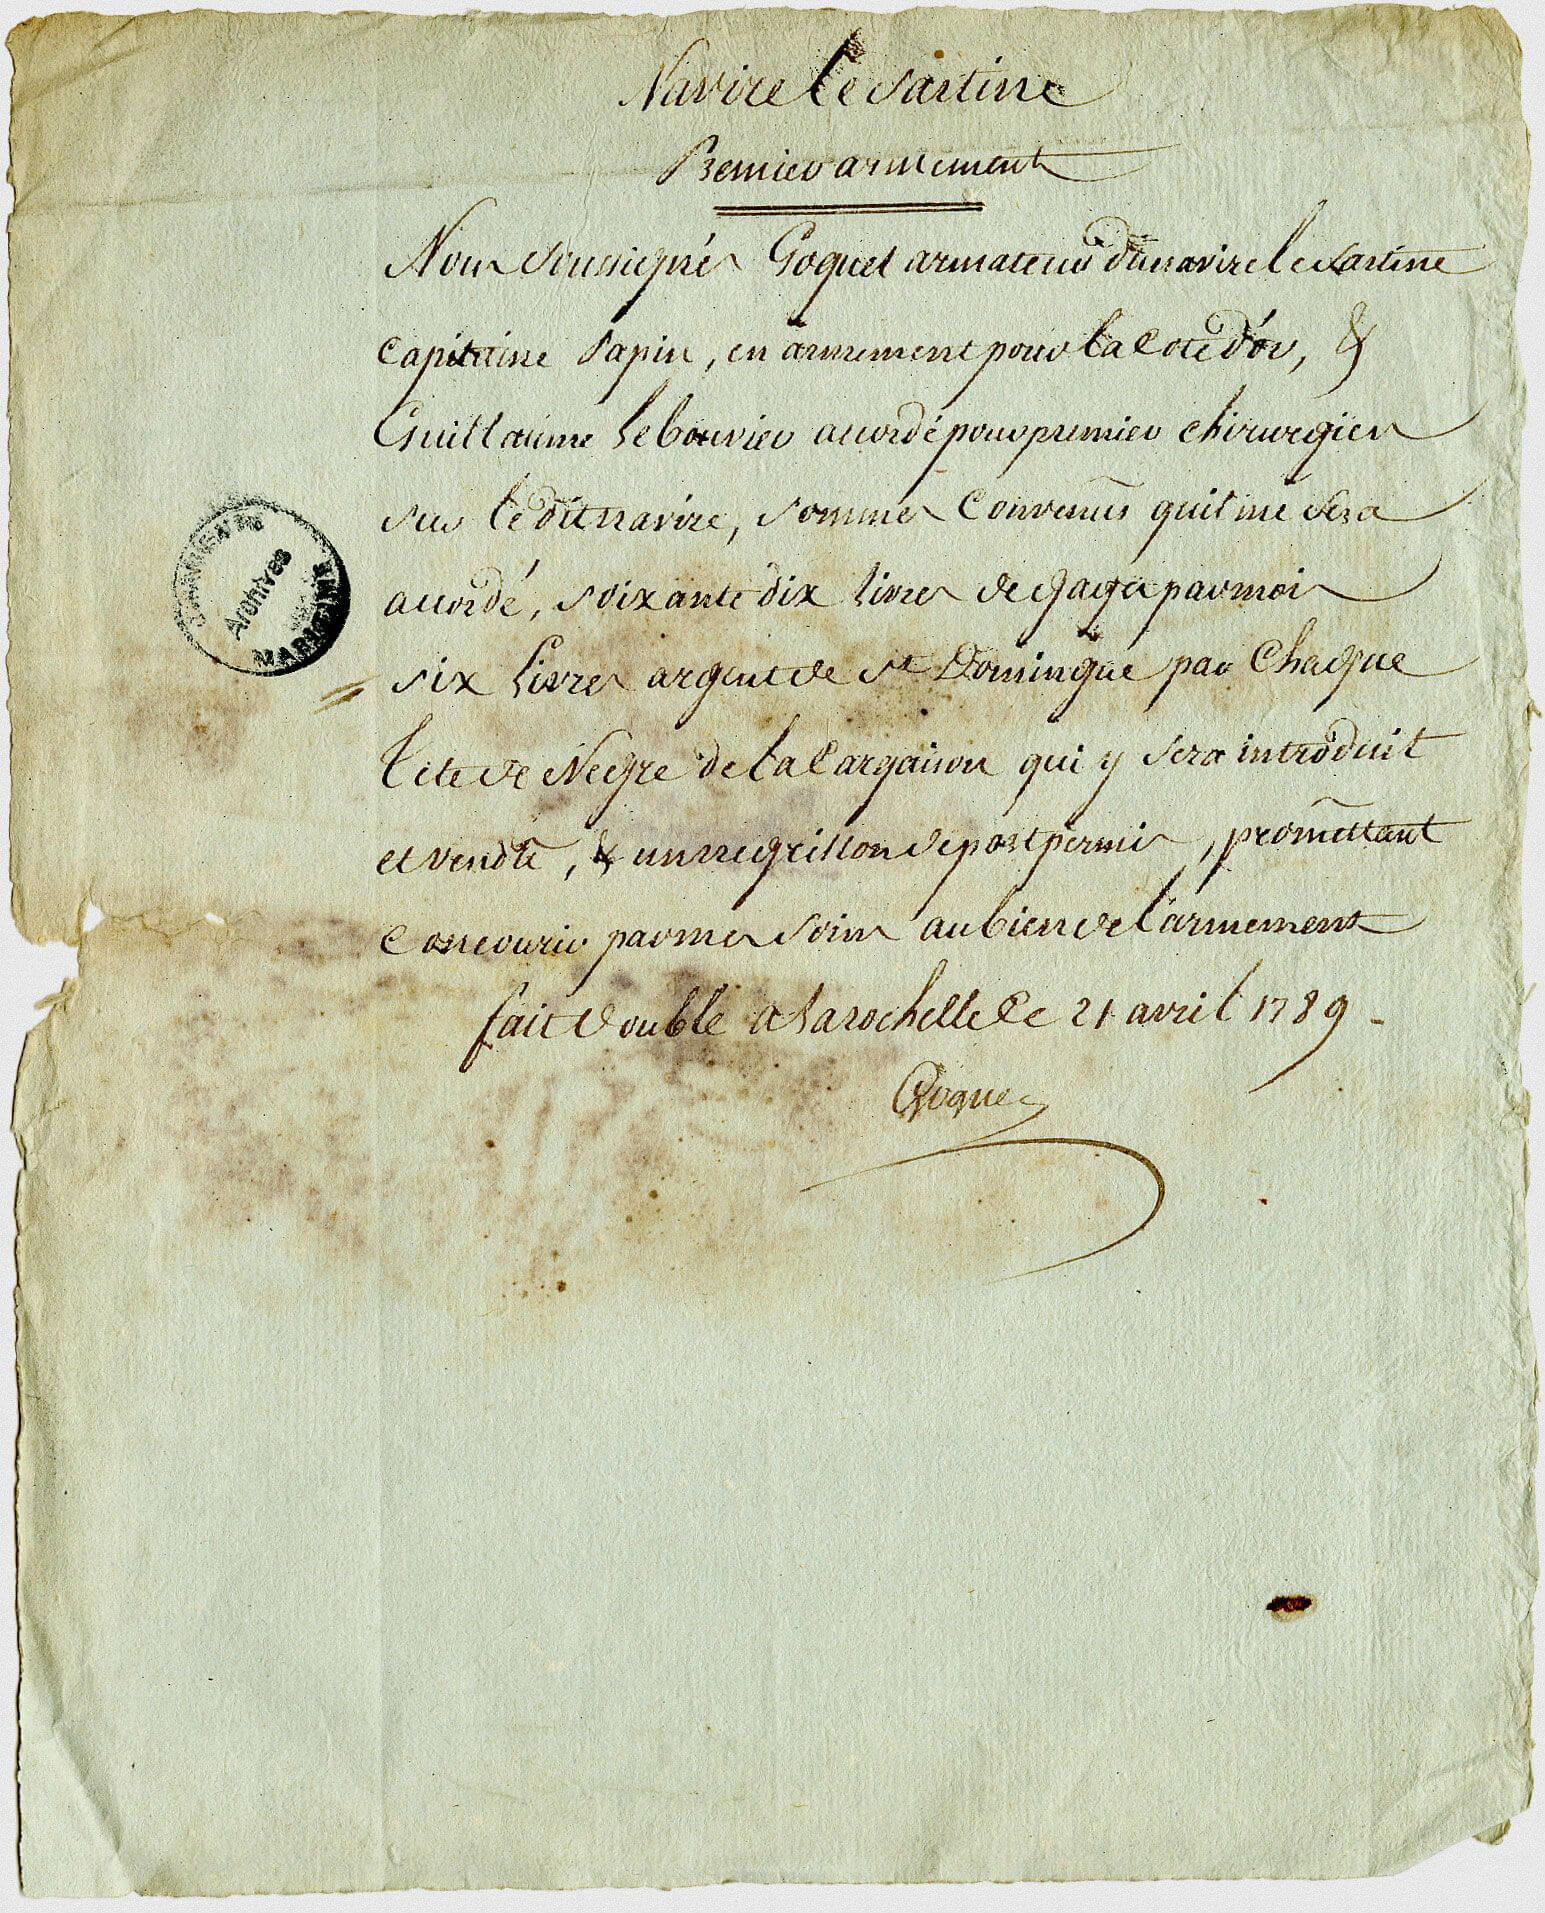 Contrat d'engagement de le Bouvier comme premier chirurgien à bord du Sartine. 21 avril 1789.